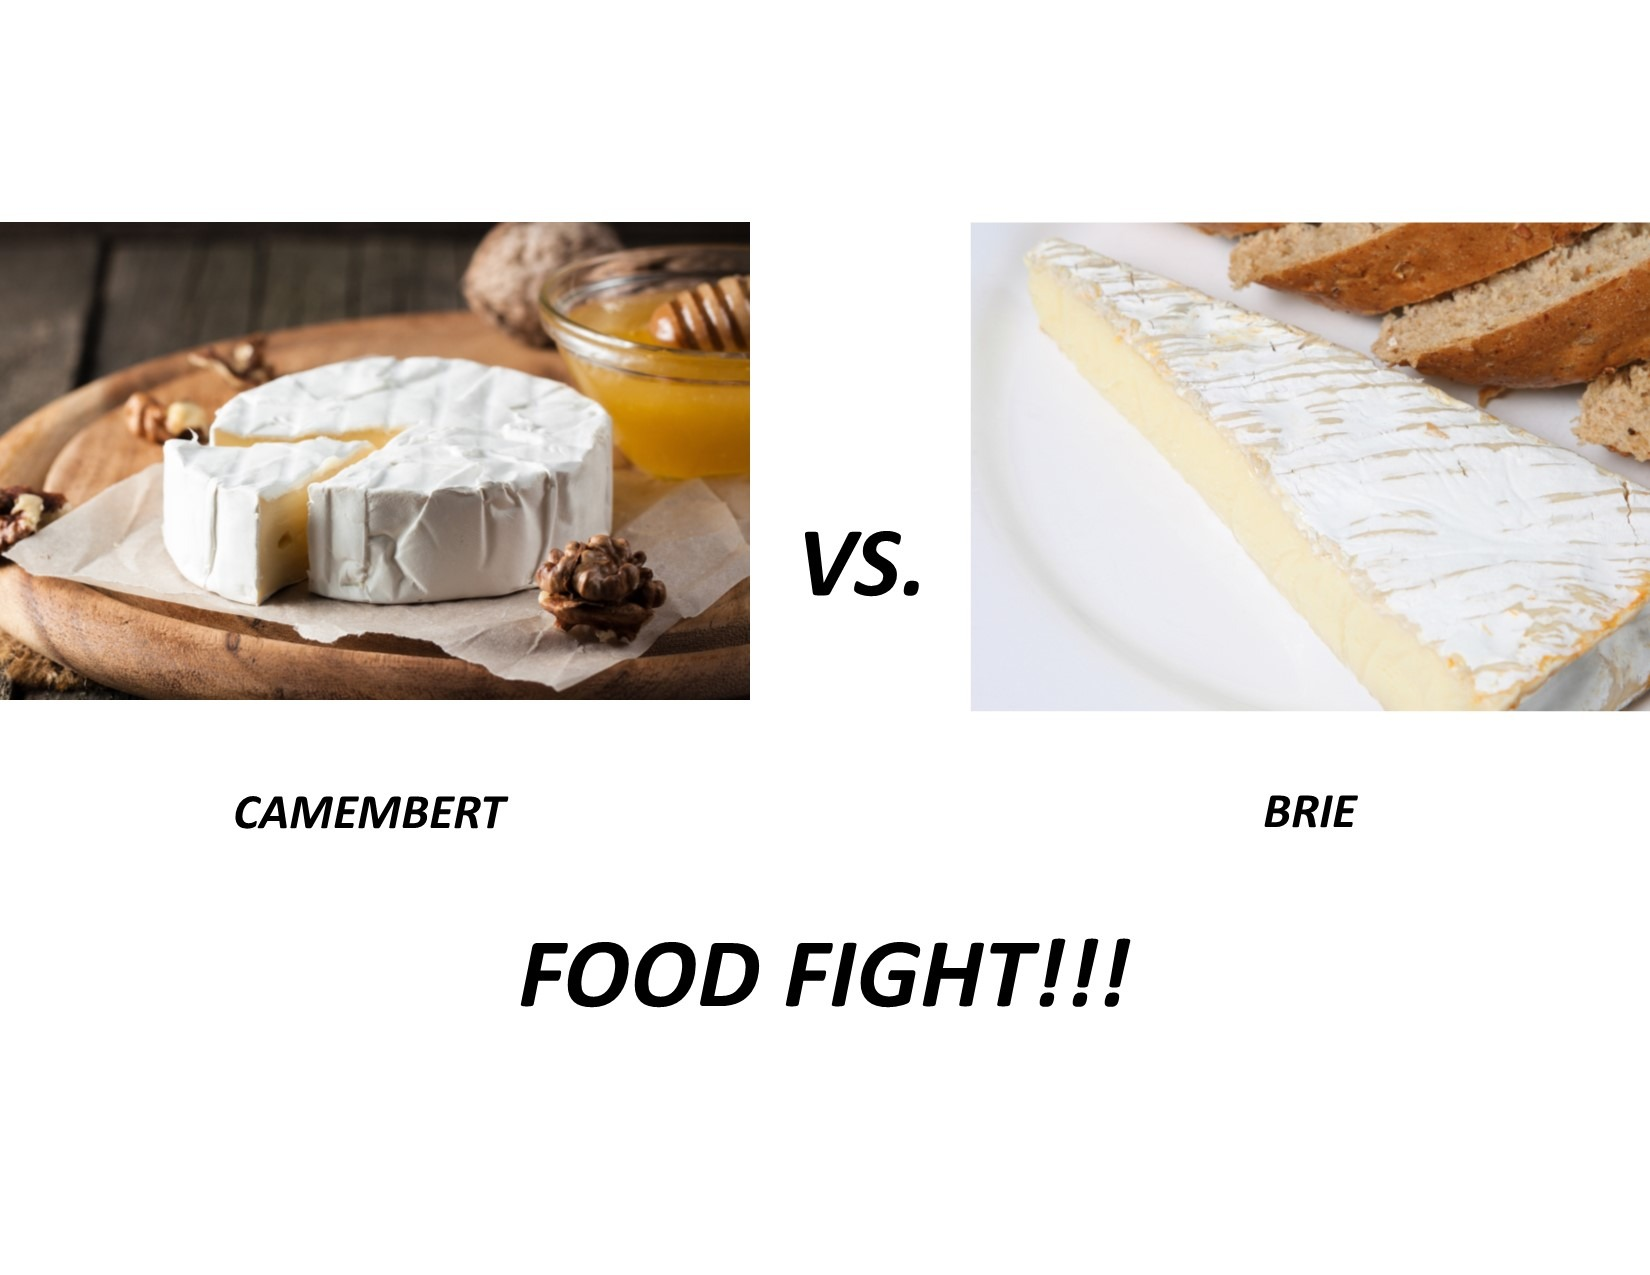 Camembert vs Brie